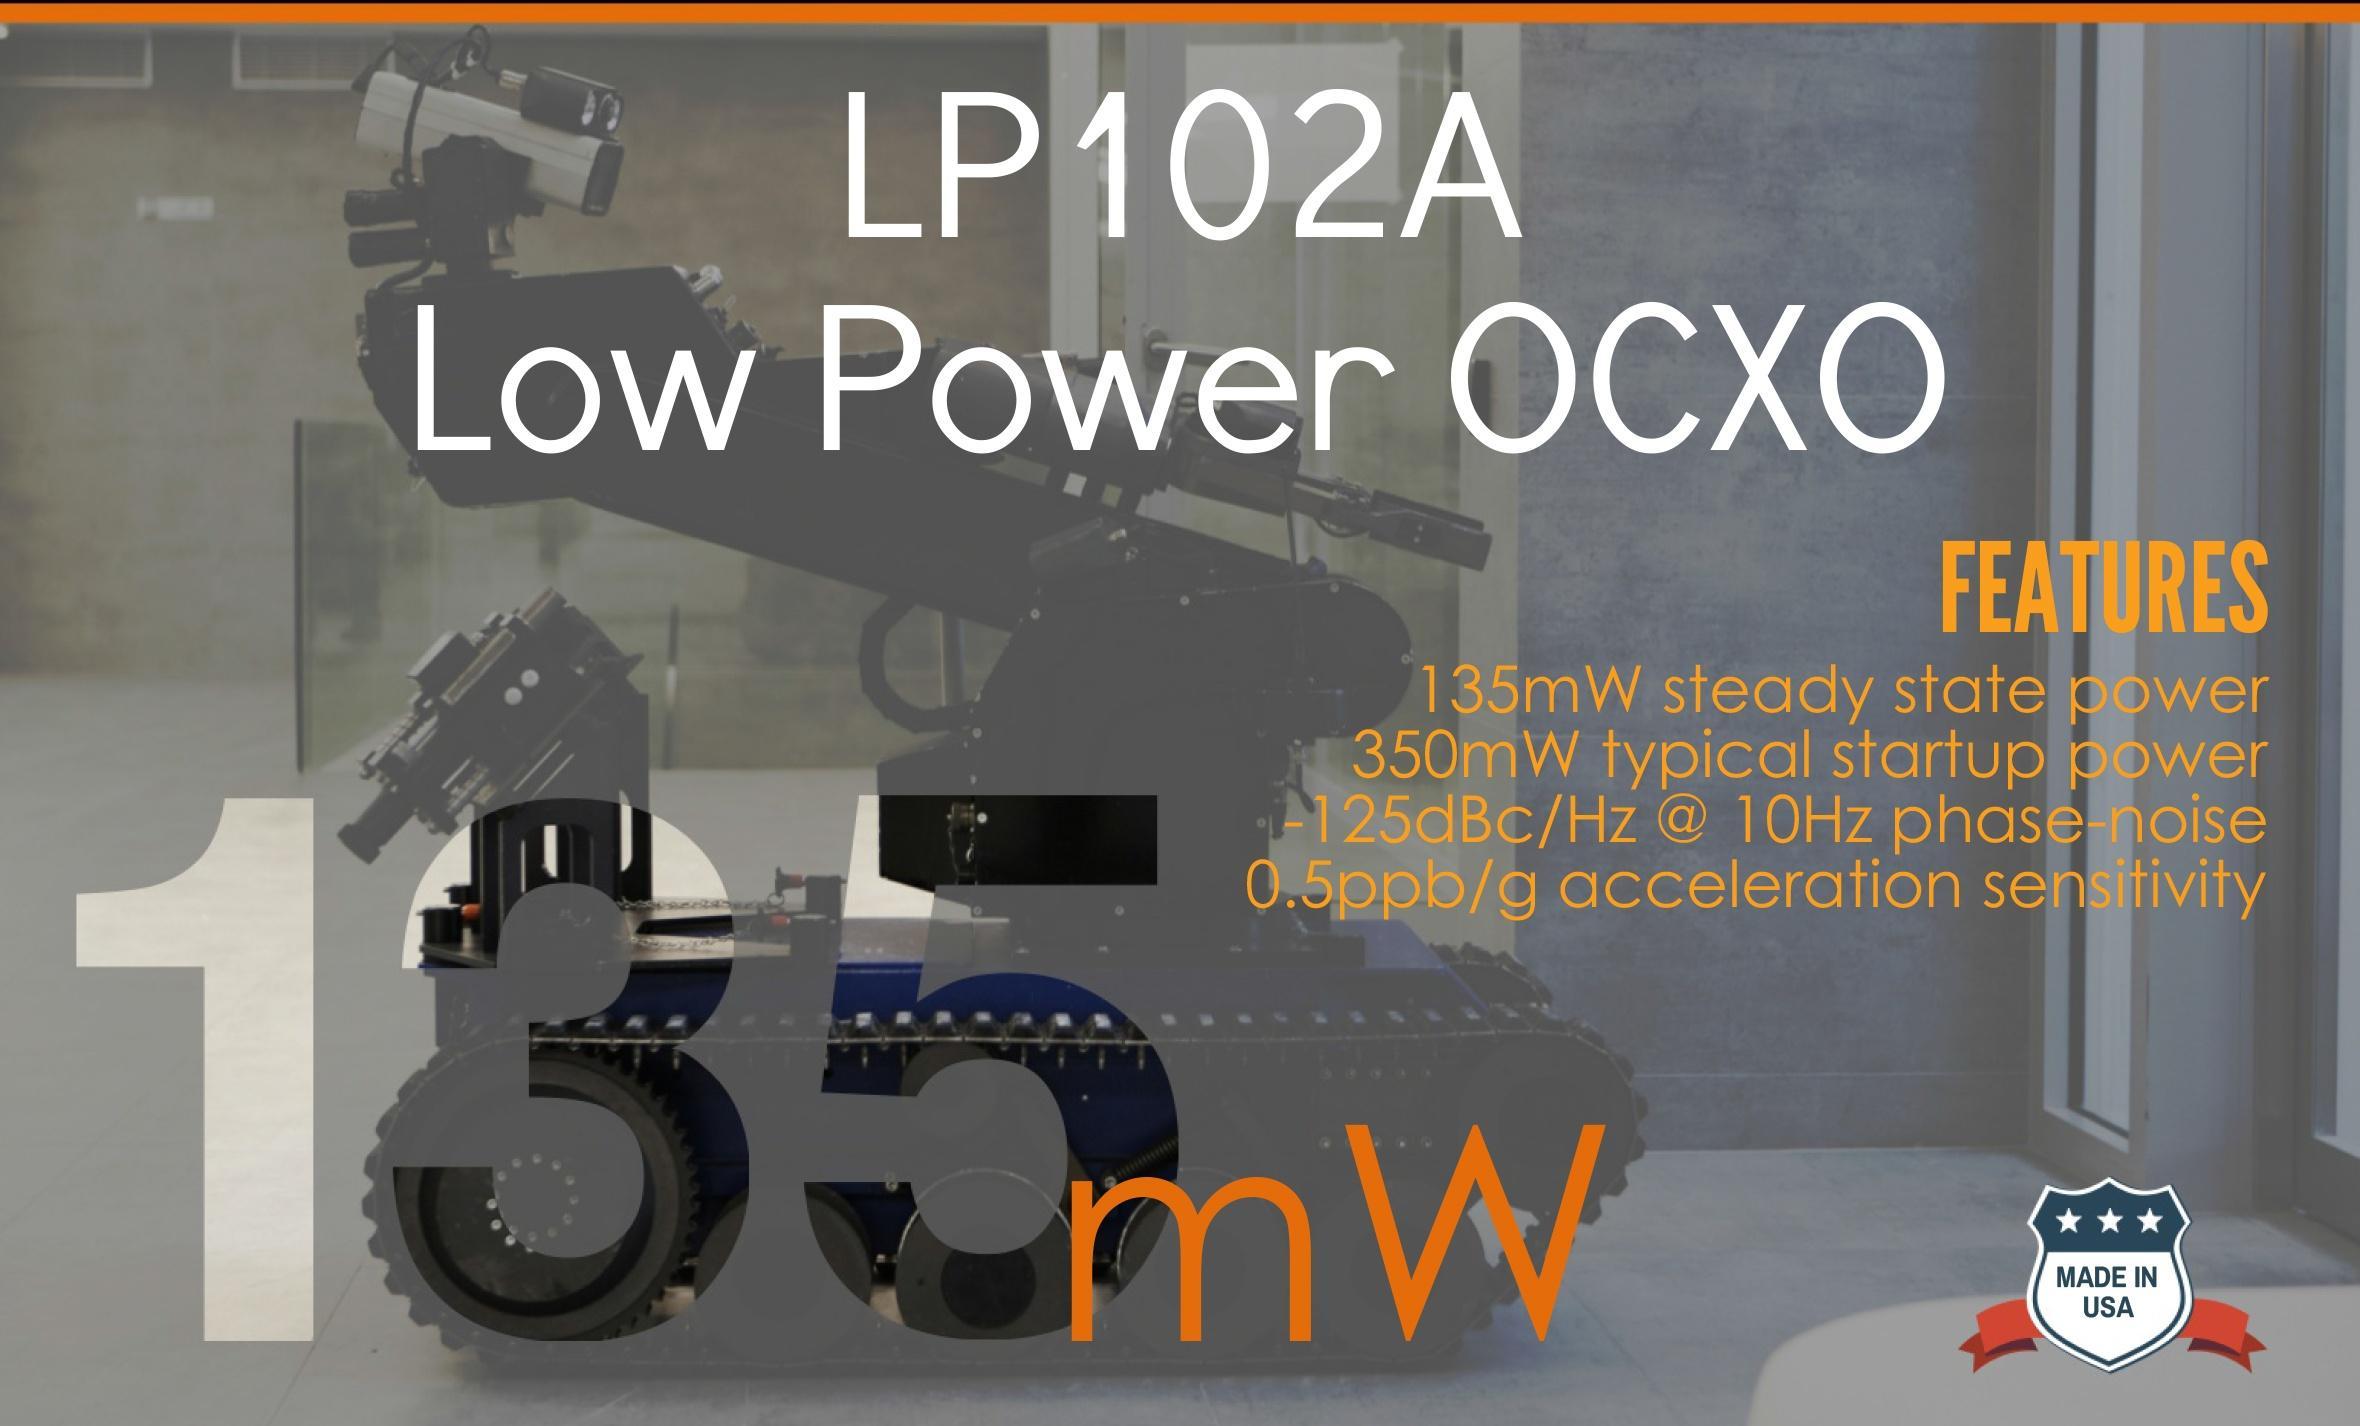 Bliley Low Power OCXO LP102 - 135mW